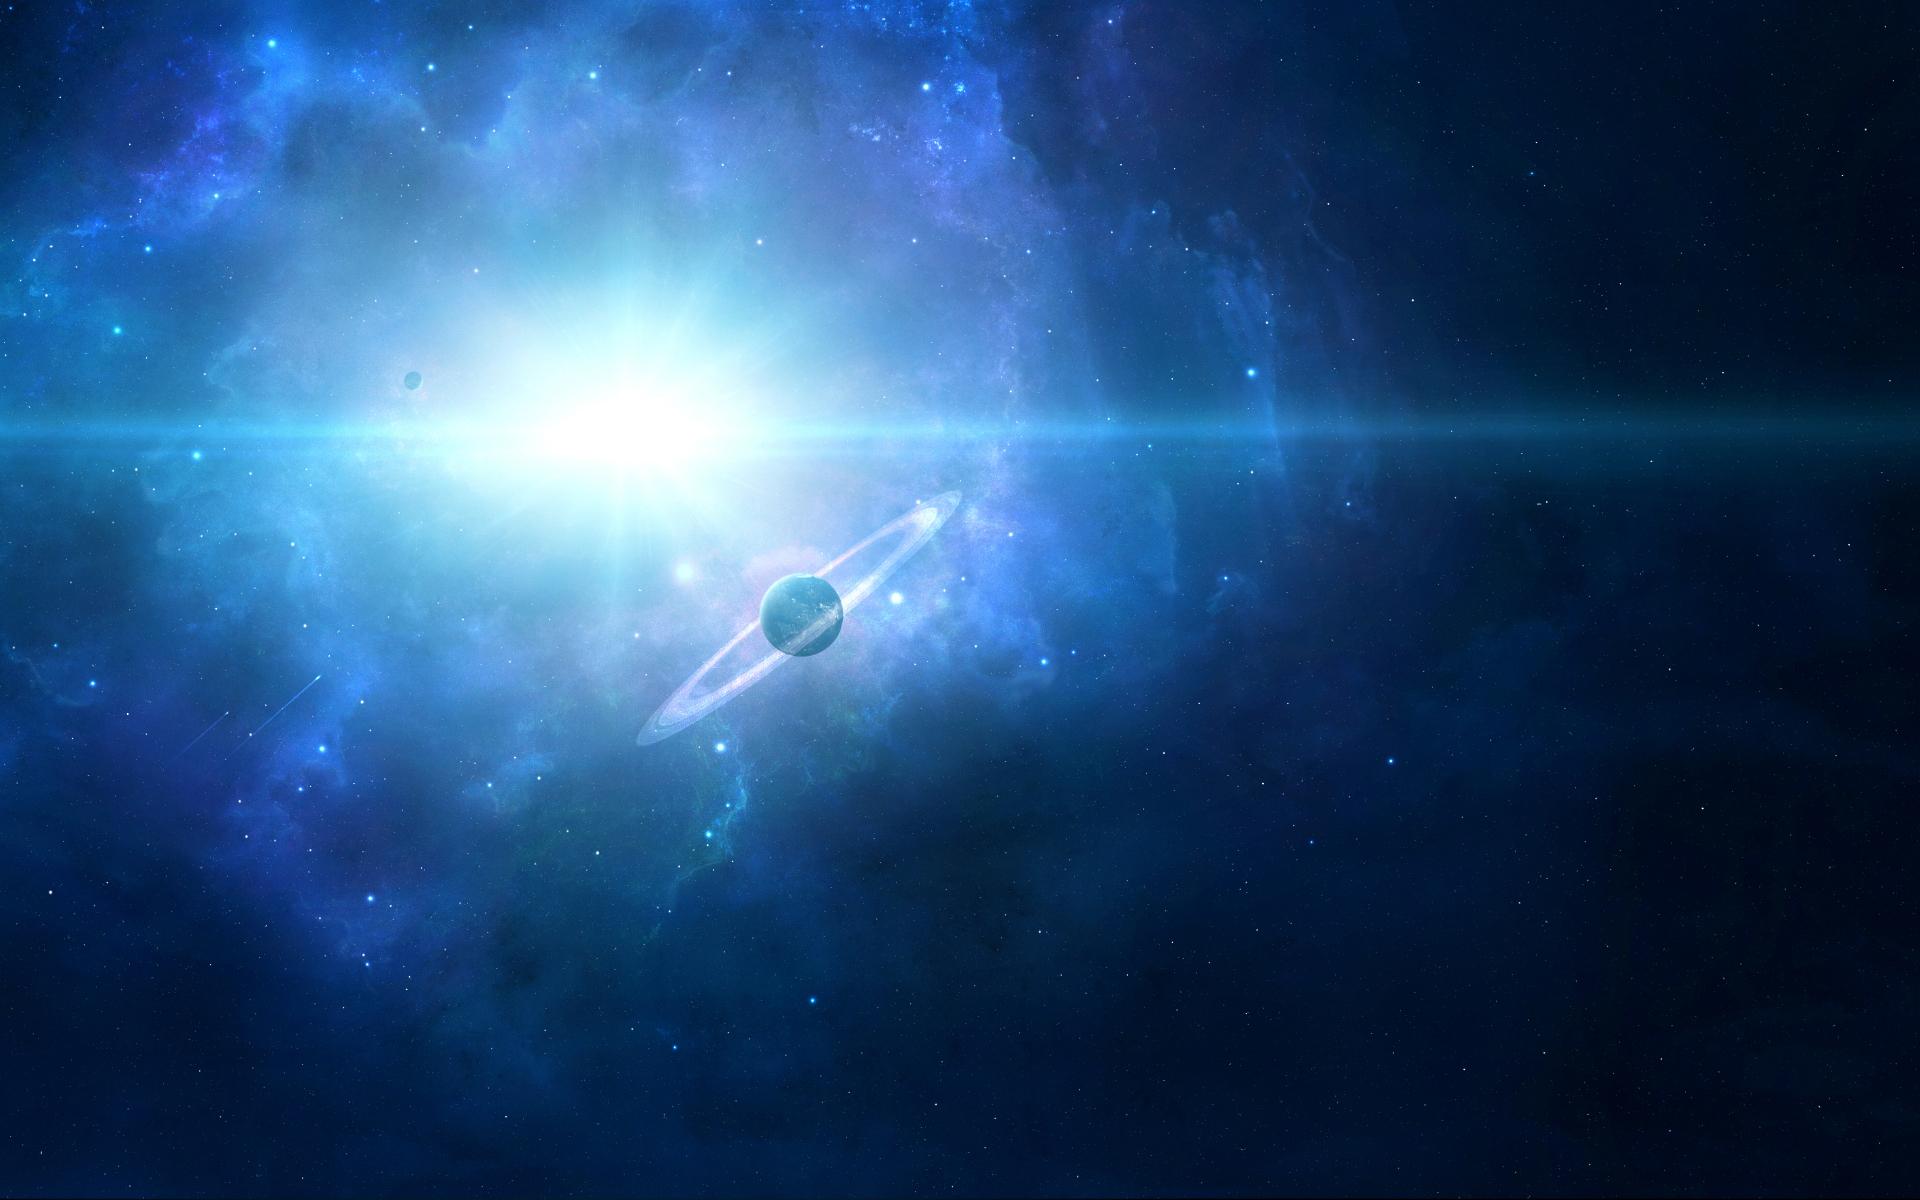 Обои Свечение за планетами картинки на рабочий стол на тему Космос - скачать  № 1772725 загрузить